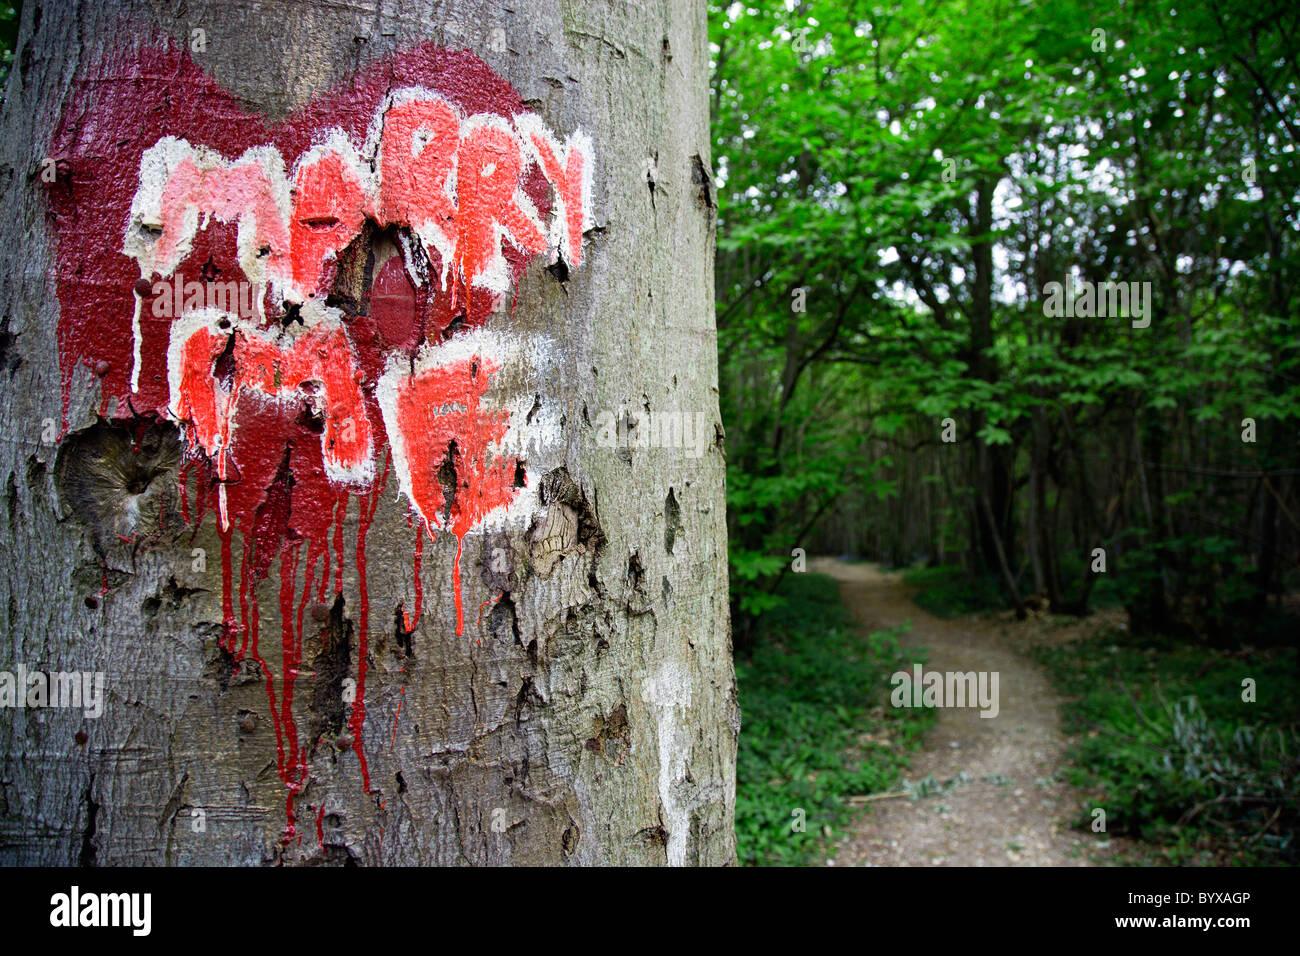 Angleterre West Sussex Chichester Valentine rouge peint sur le tronc d'un arbre dans une forêt avec les Photo Stock